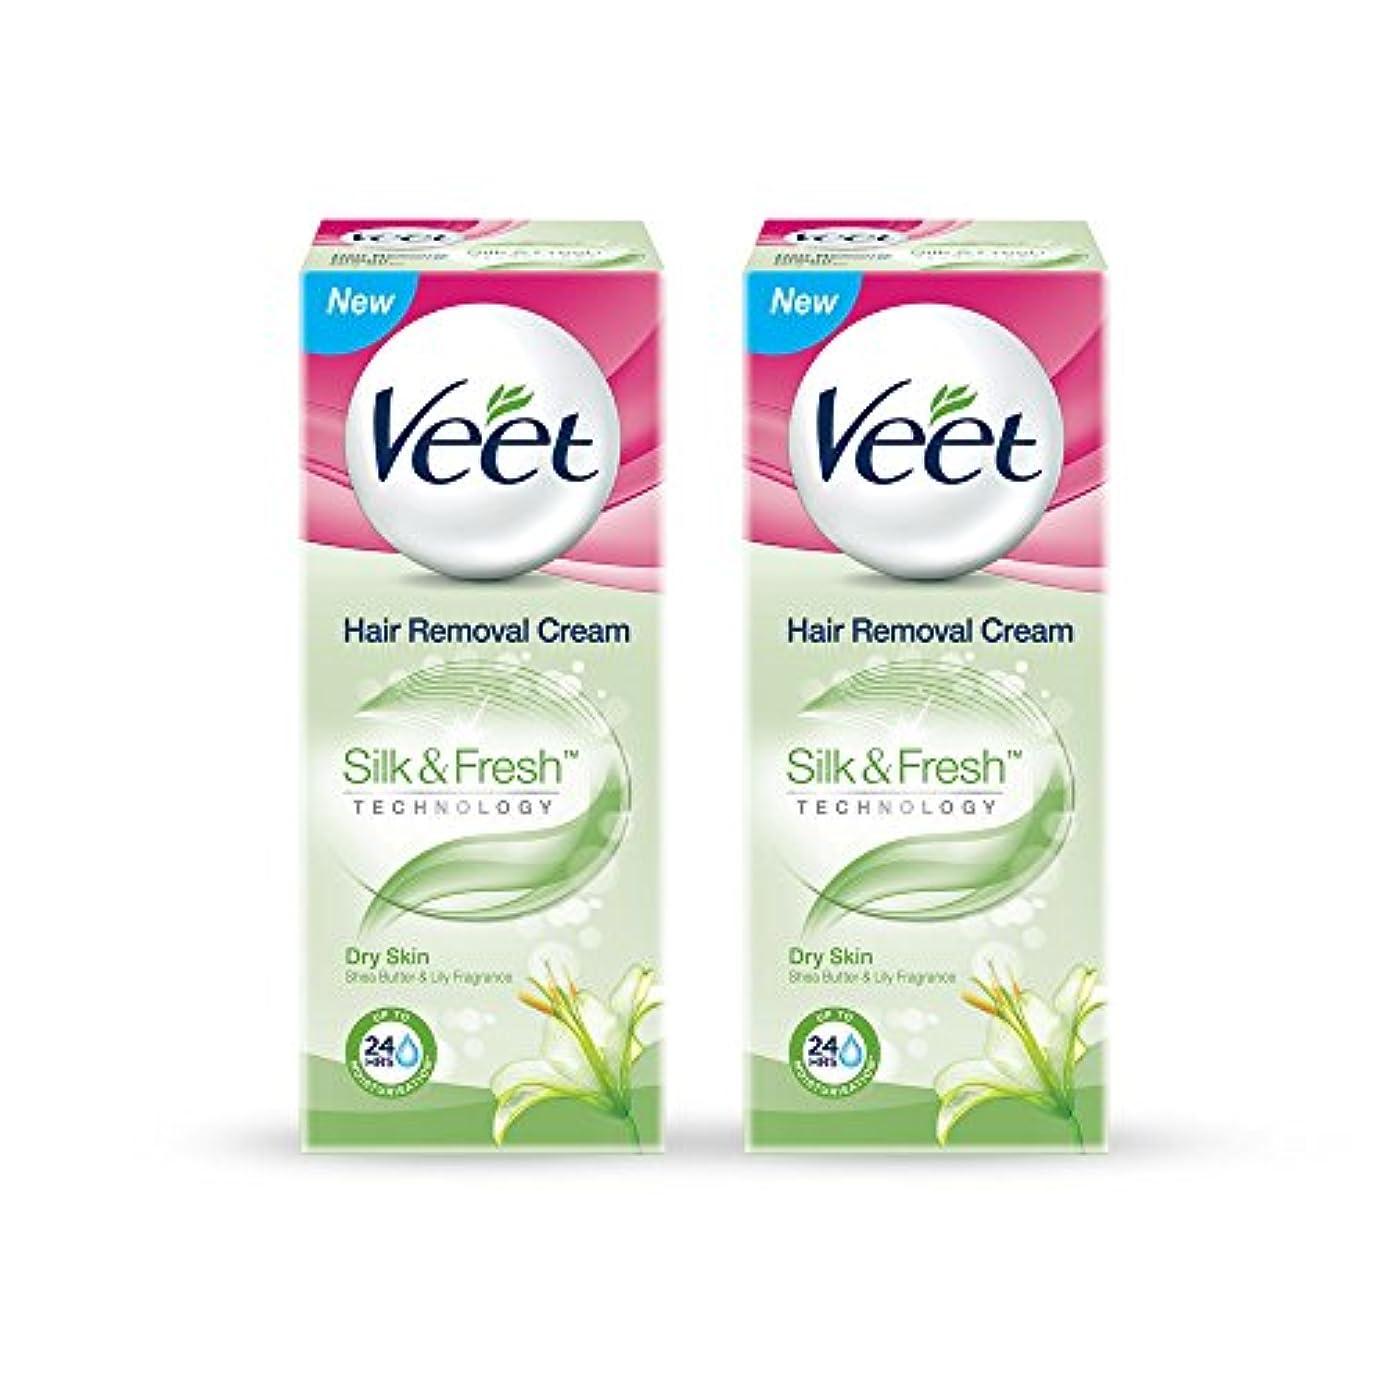 ベテラン国民投票のどVeet Hair Removal Gel Cream for Dry Skin with Shea Butter & Lily Fragrance 25 g (Pack of 2)